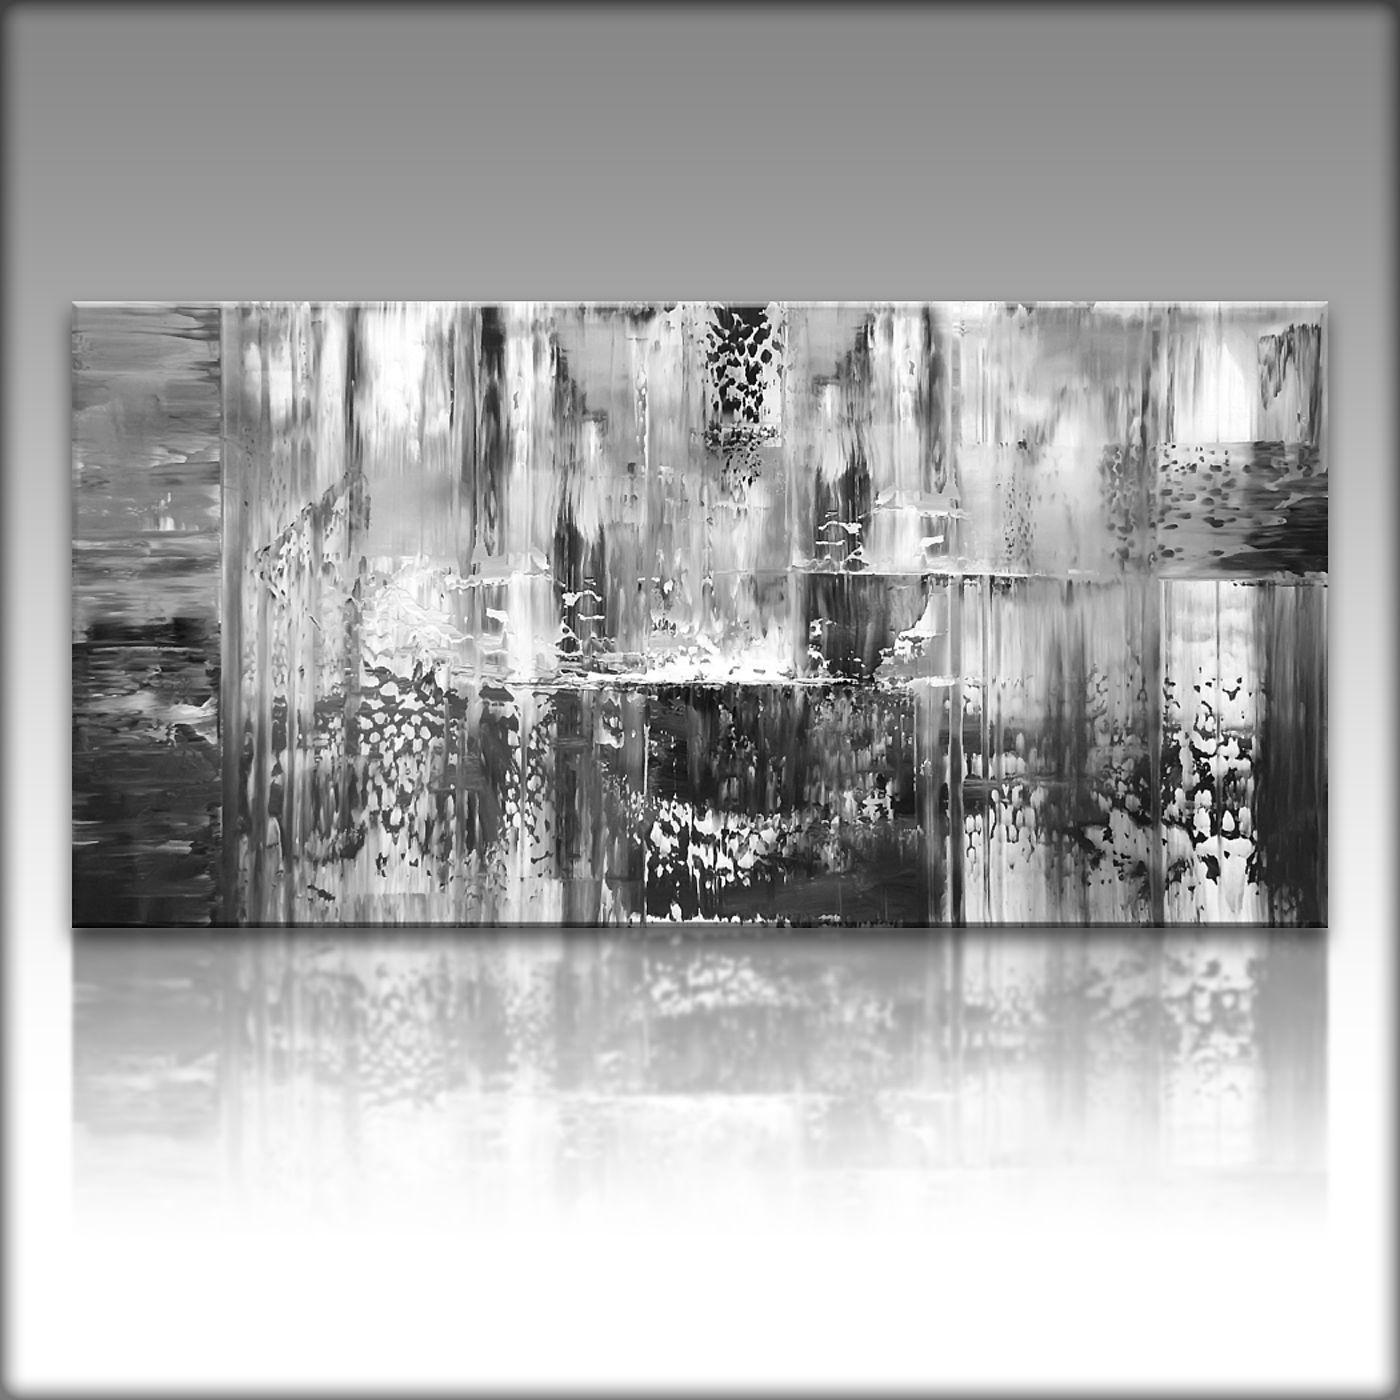 Vnartist Leinwand Kunstdruck Xxl Bilder Modern Abstrakt 4195 Abstrakt Wandbild Abstrakt Abstrakte Malerei